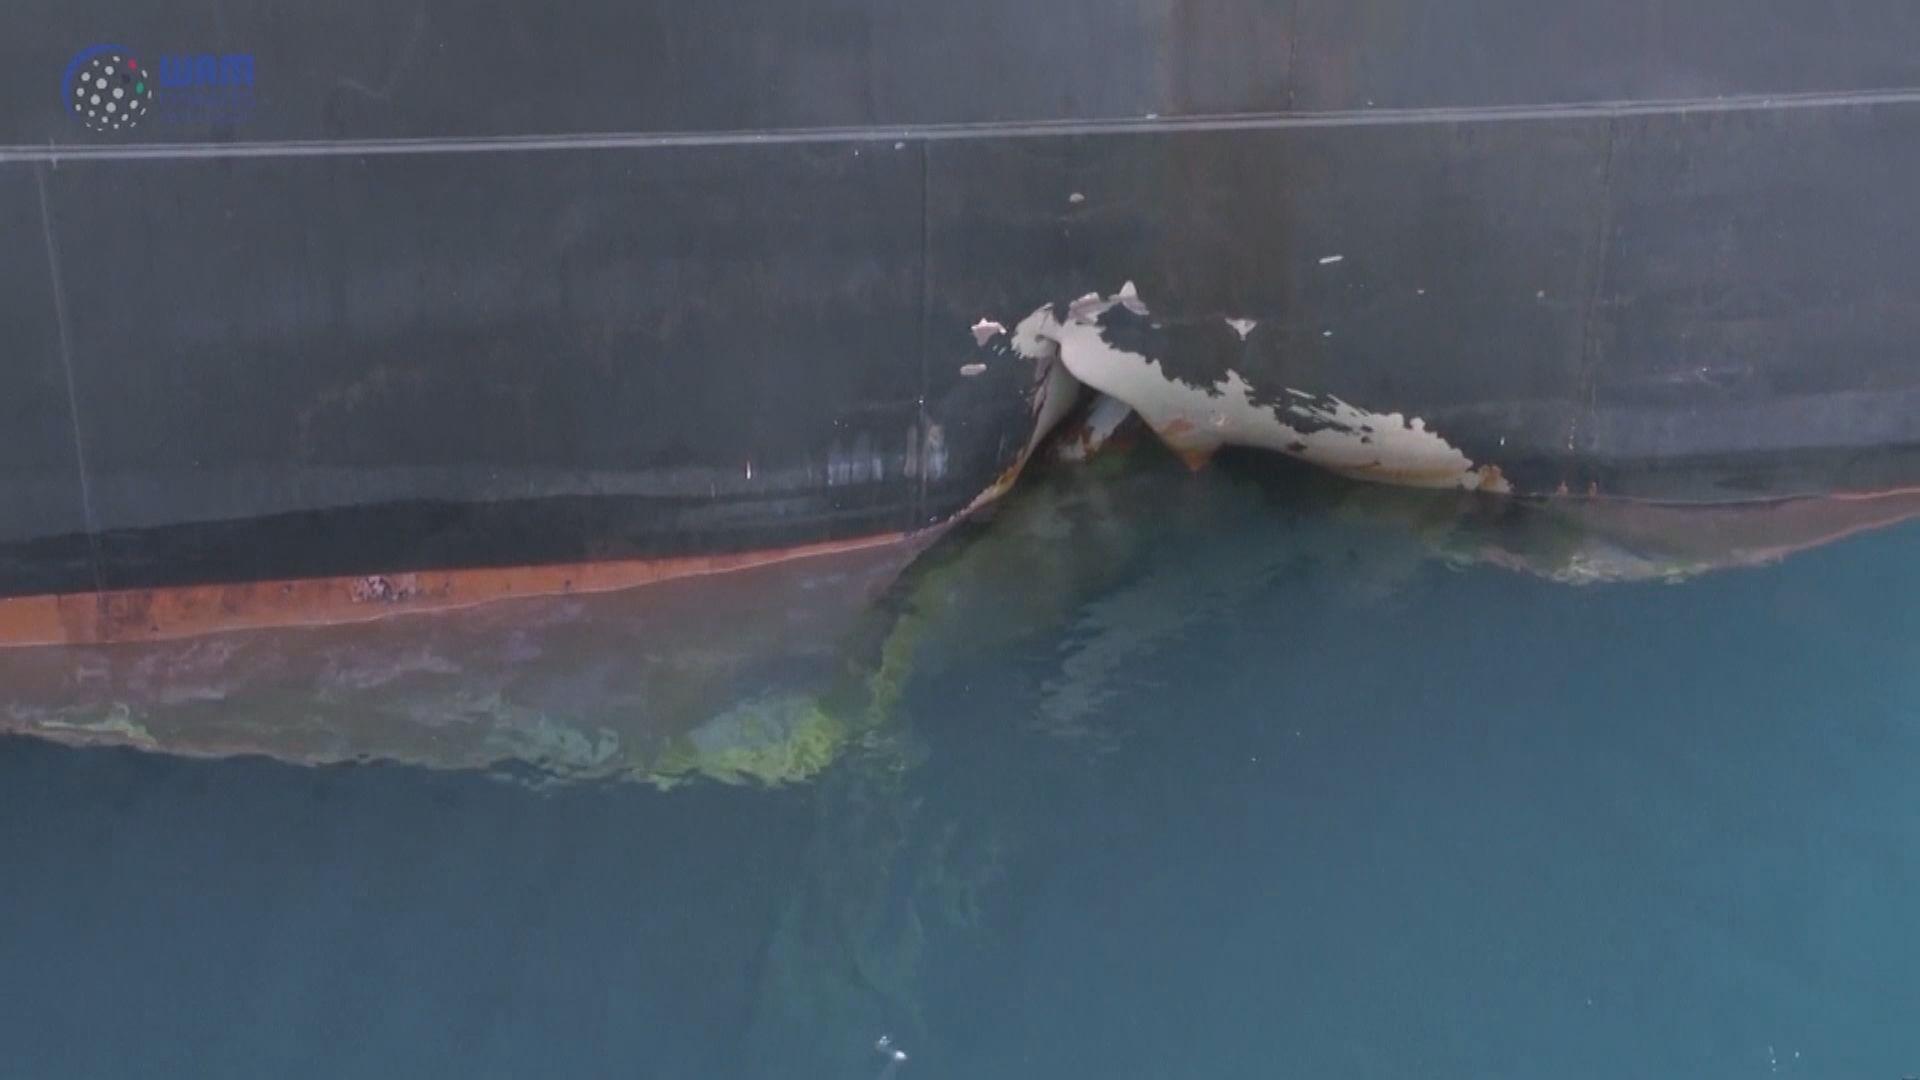 美官員指伊朗或涉阿聯酋商船破壞事件